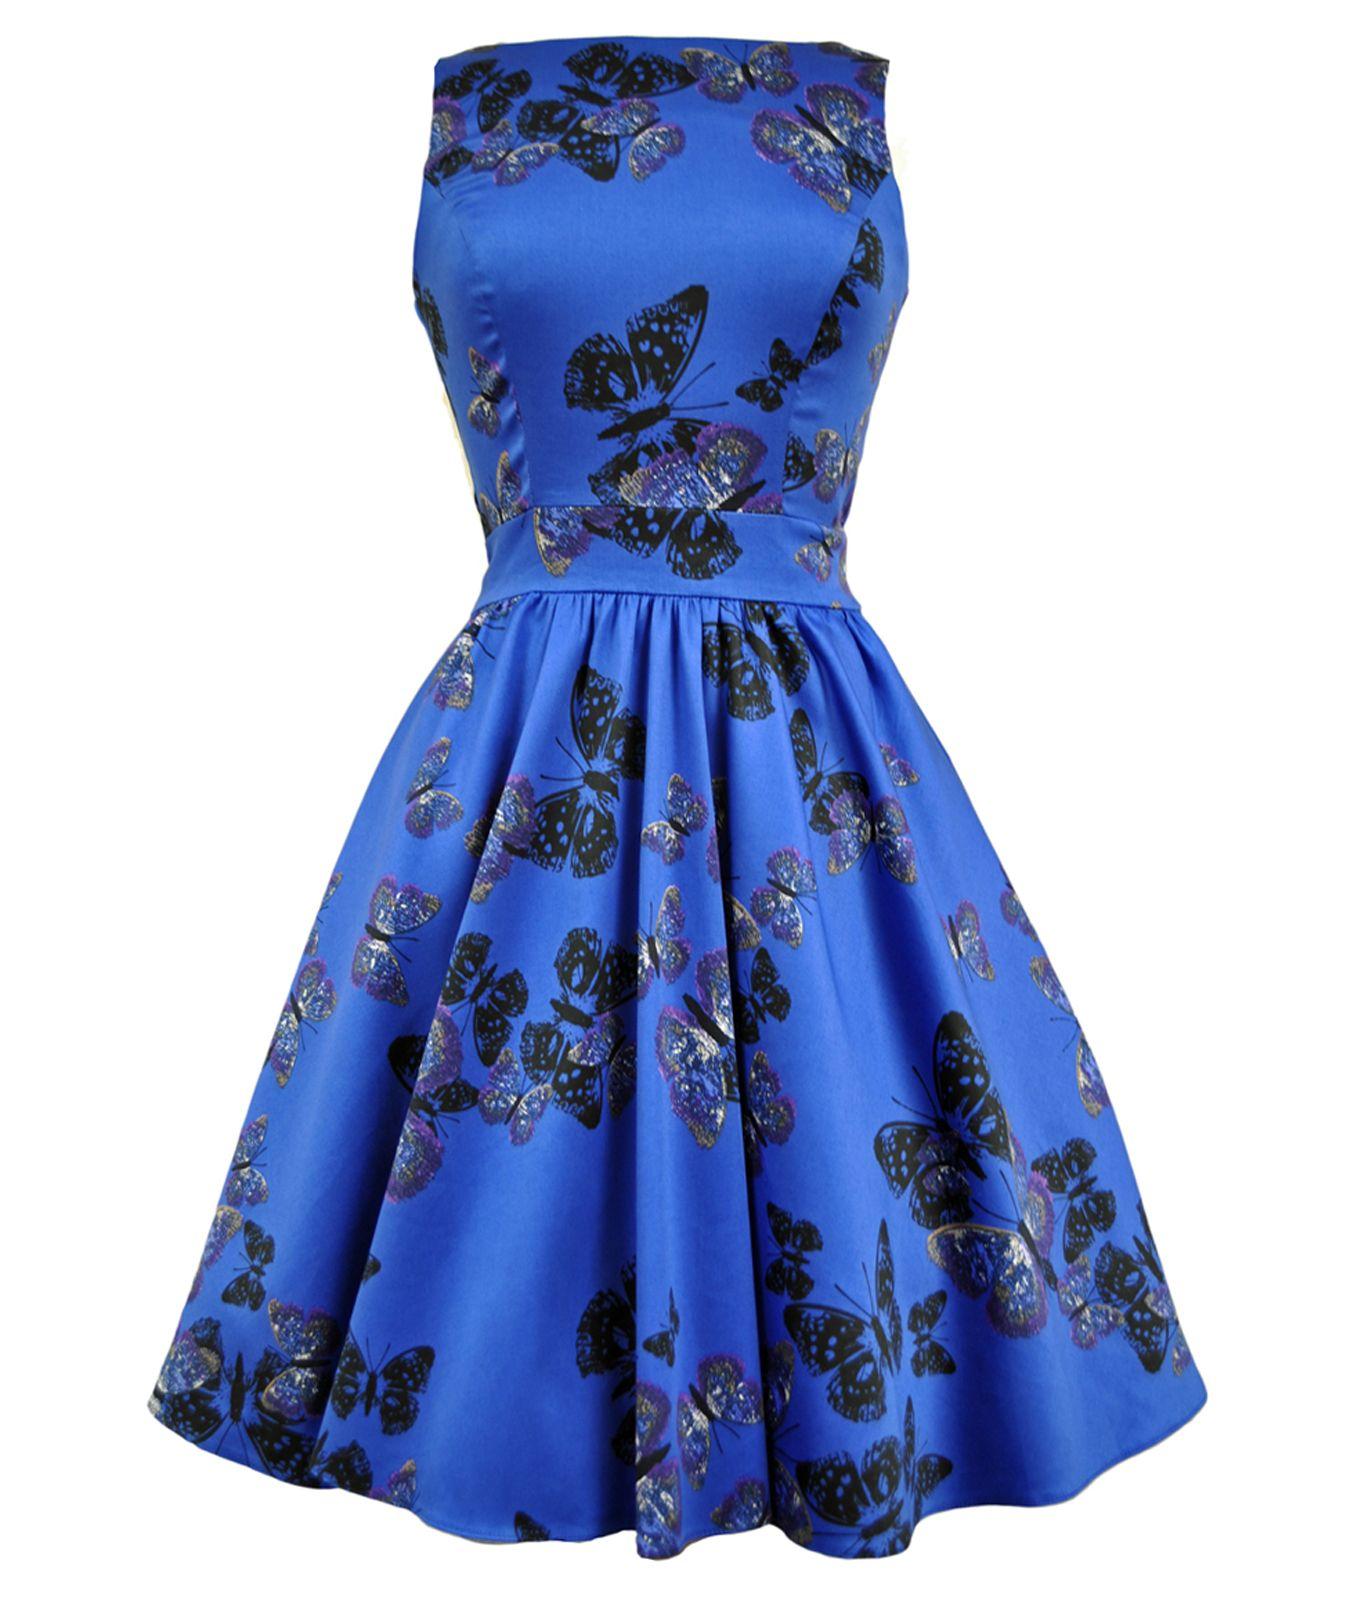 Lady Vintage 50 S Butterfly Hepburn Dress In Blue Vintage Tea Dress Butterfly Print Dress Vintage Dress Blue [ 1600 x 1360 Pixel ]